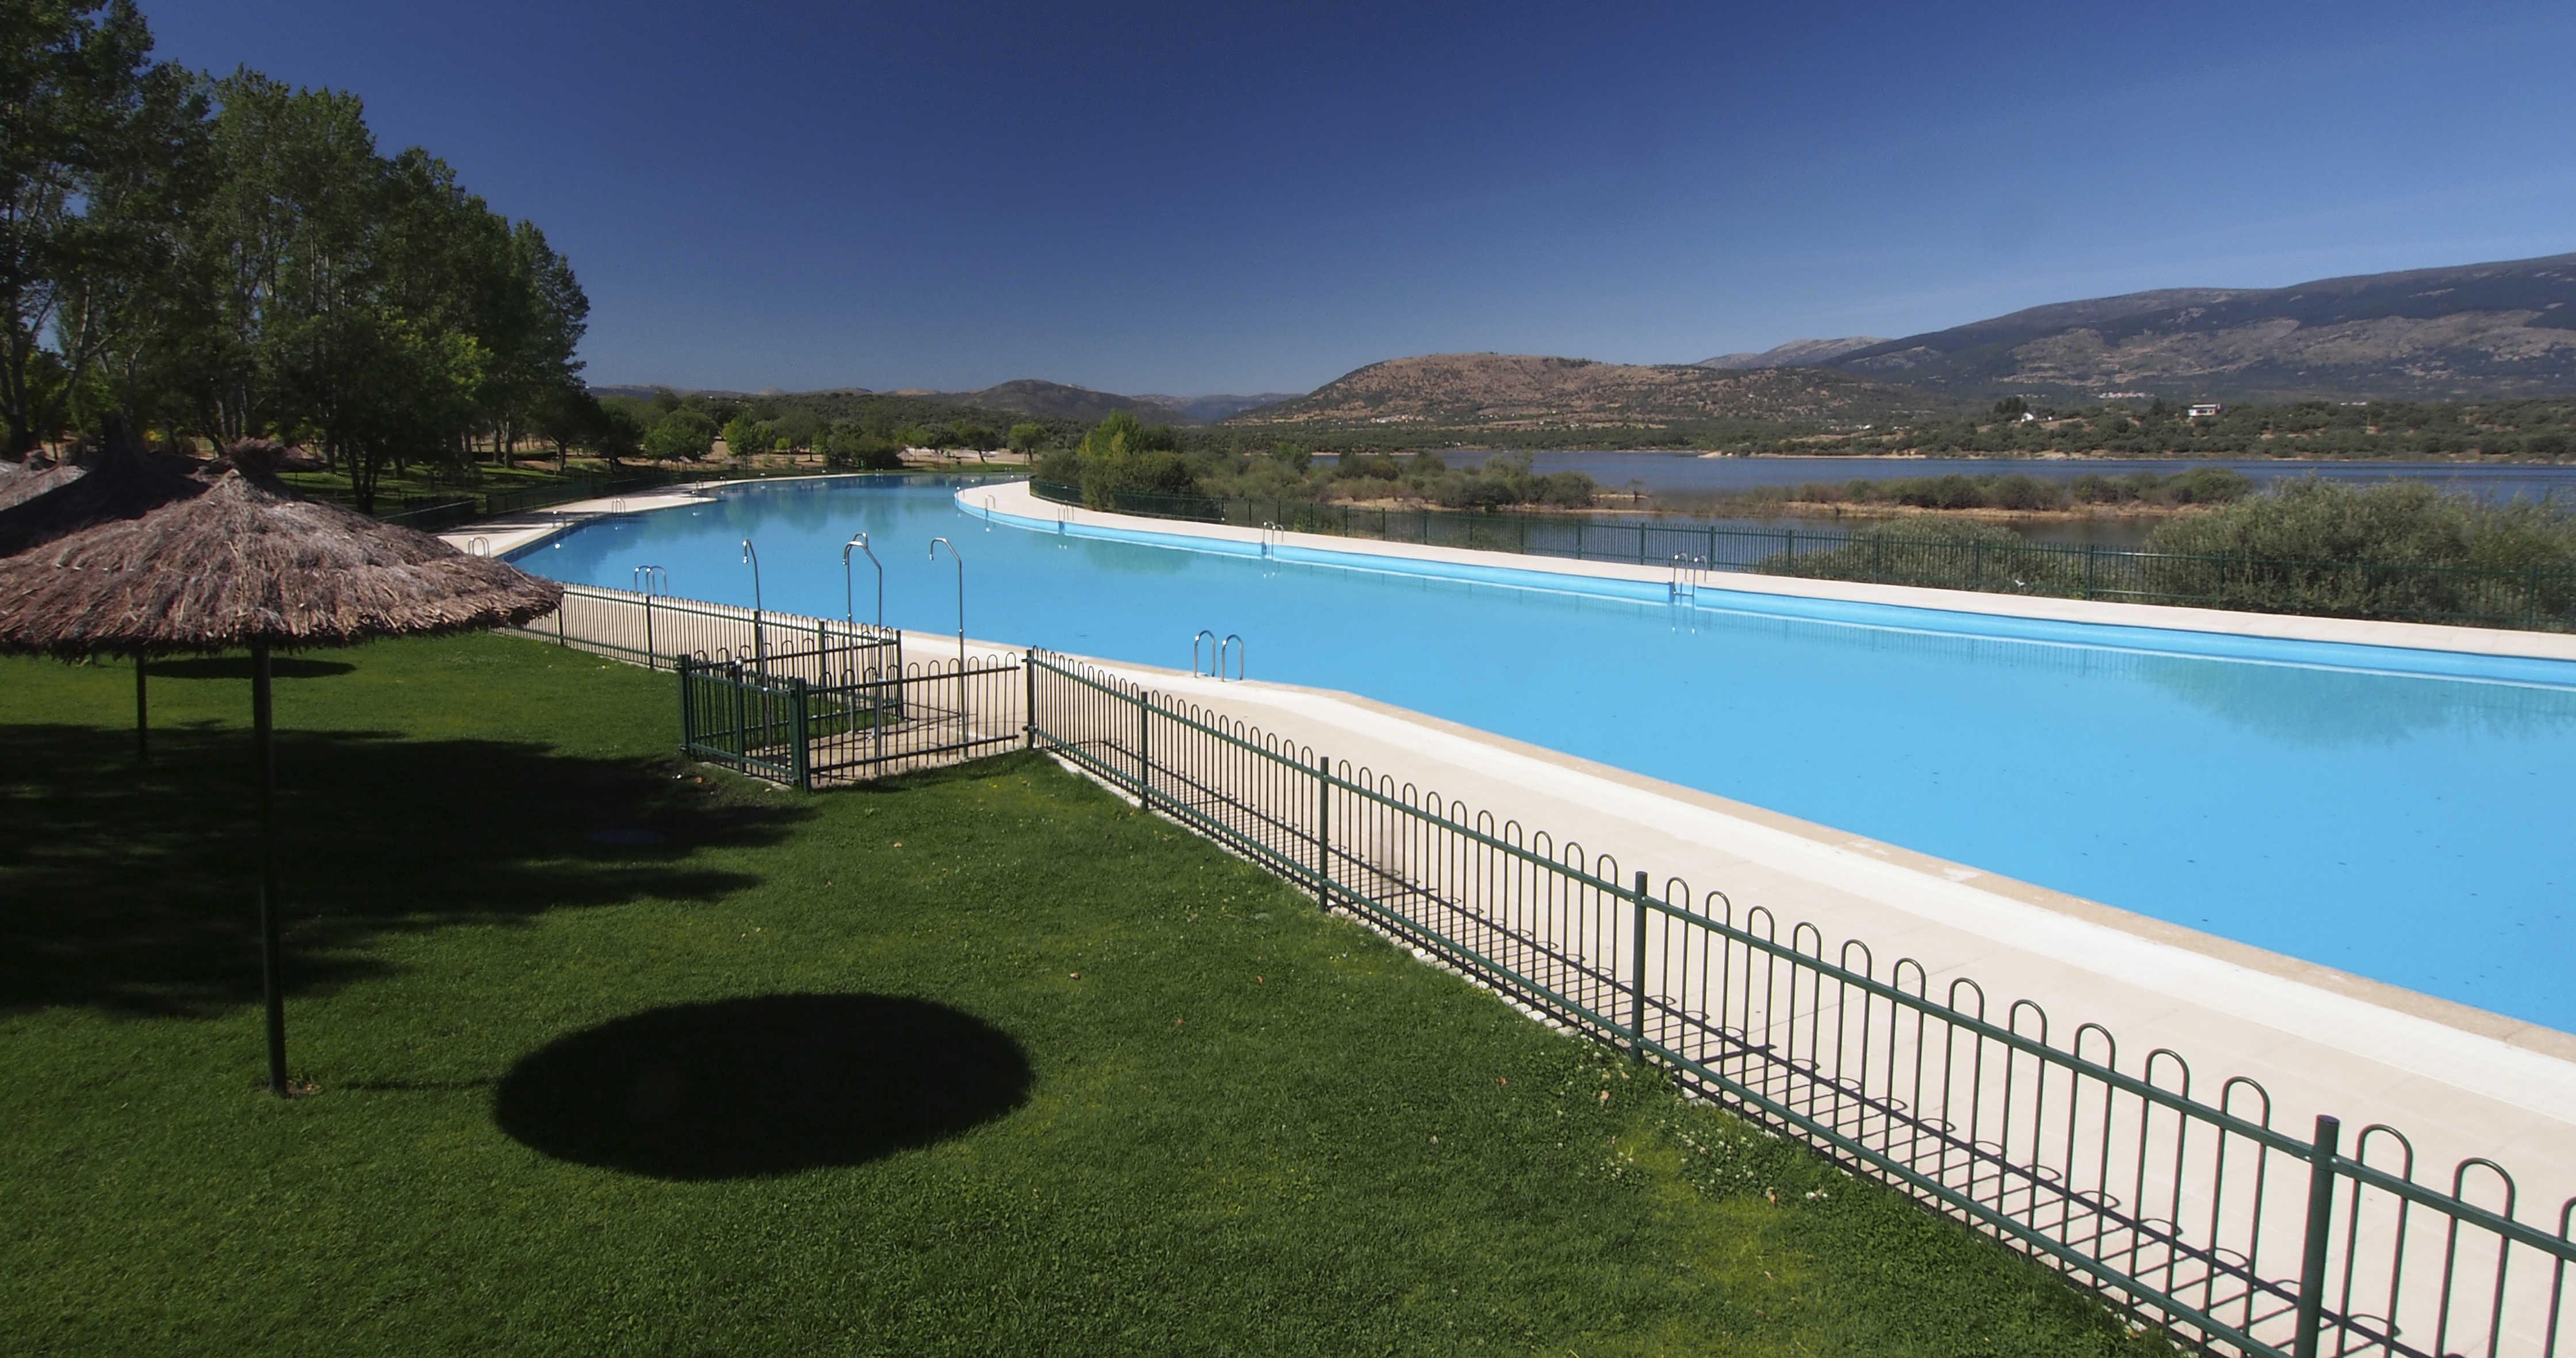 la piscina de metros cuadrados de buitrago de lozoya